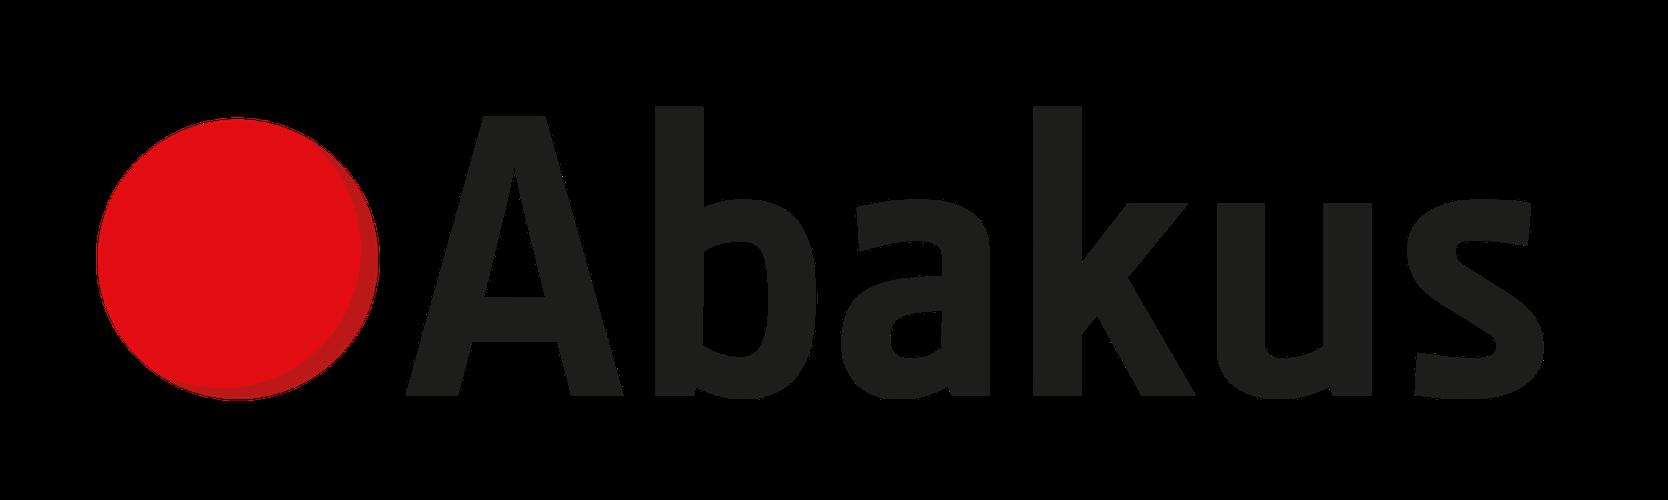 Abakus' visjon page banner